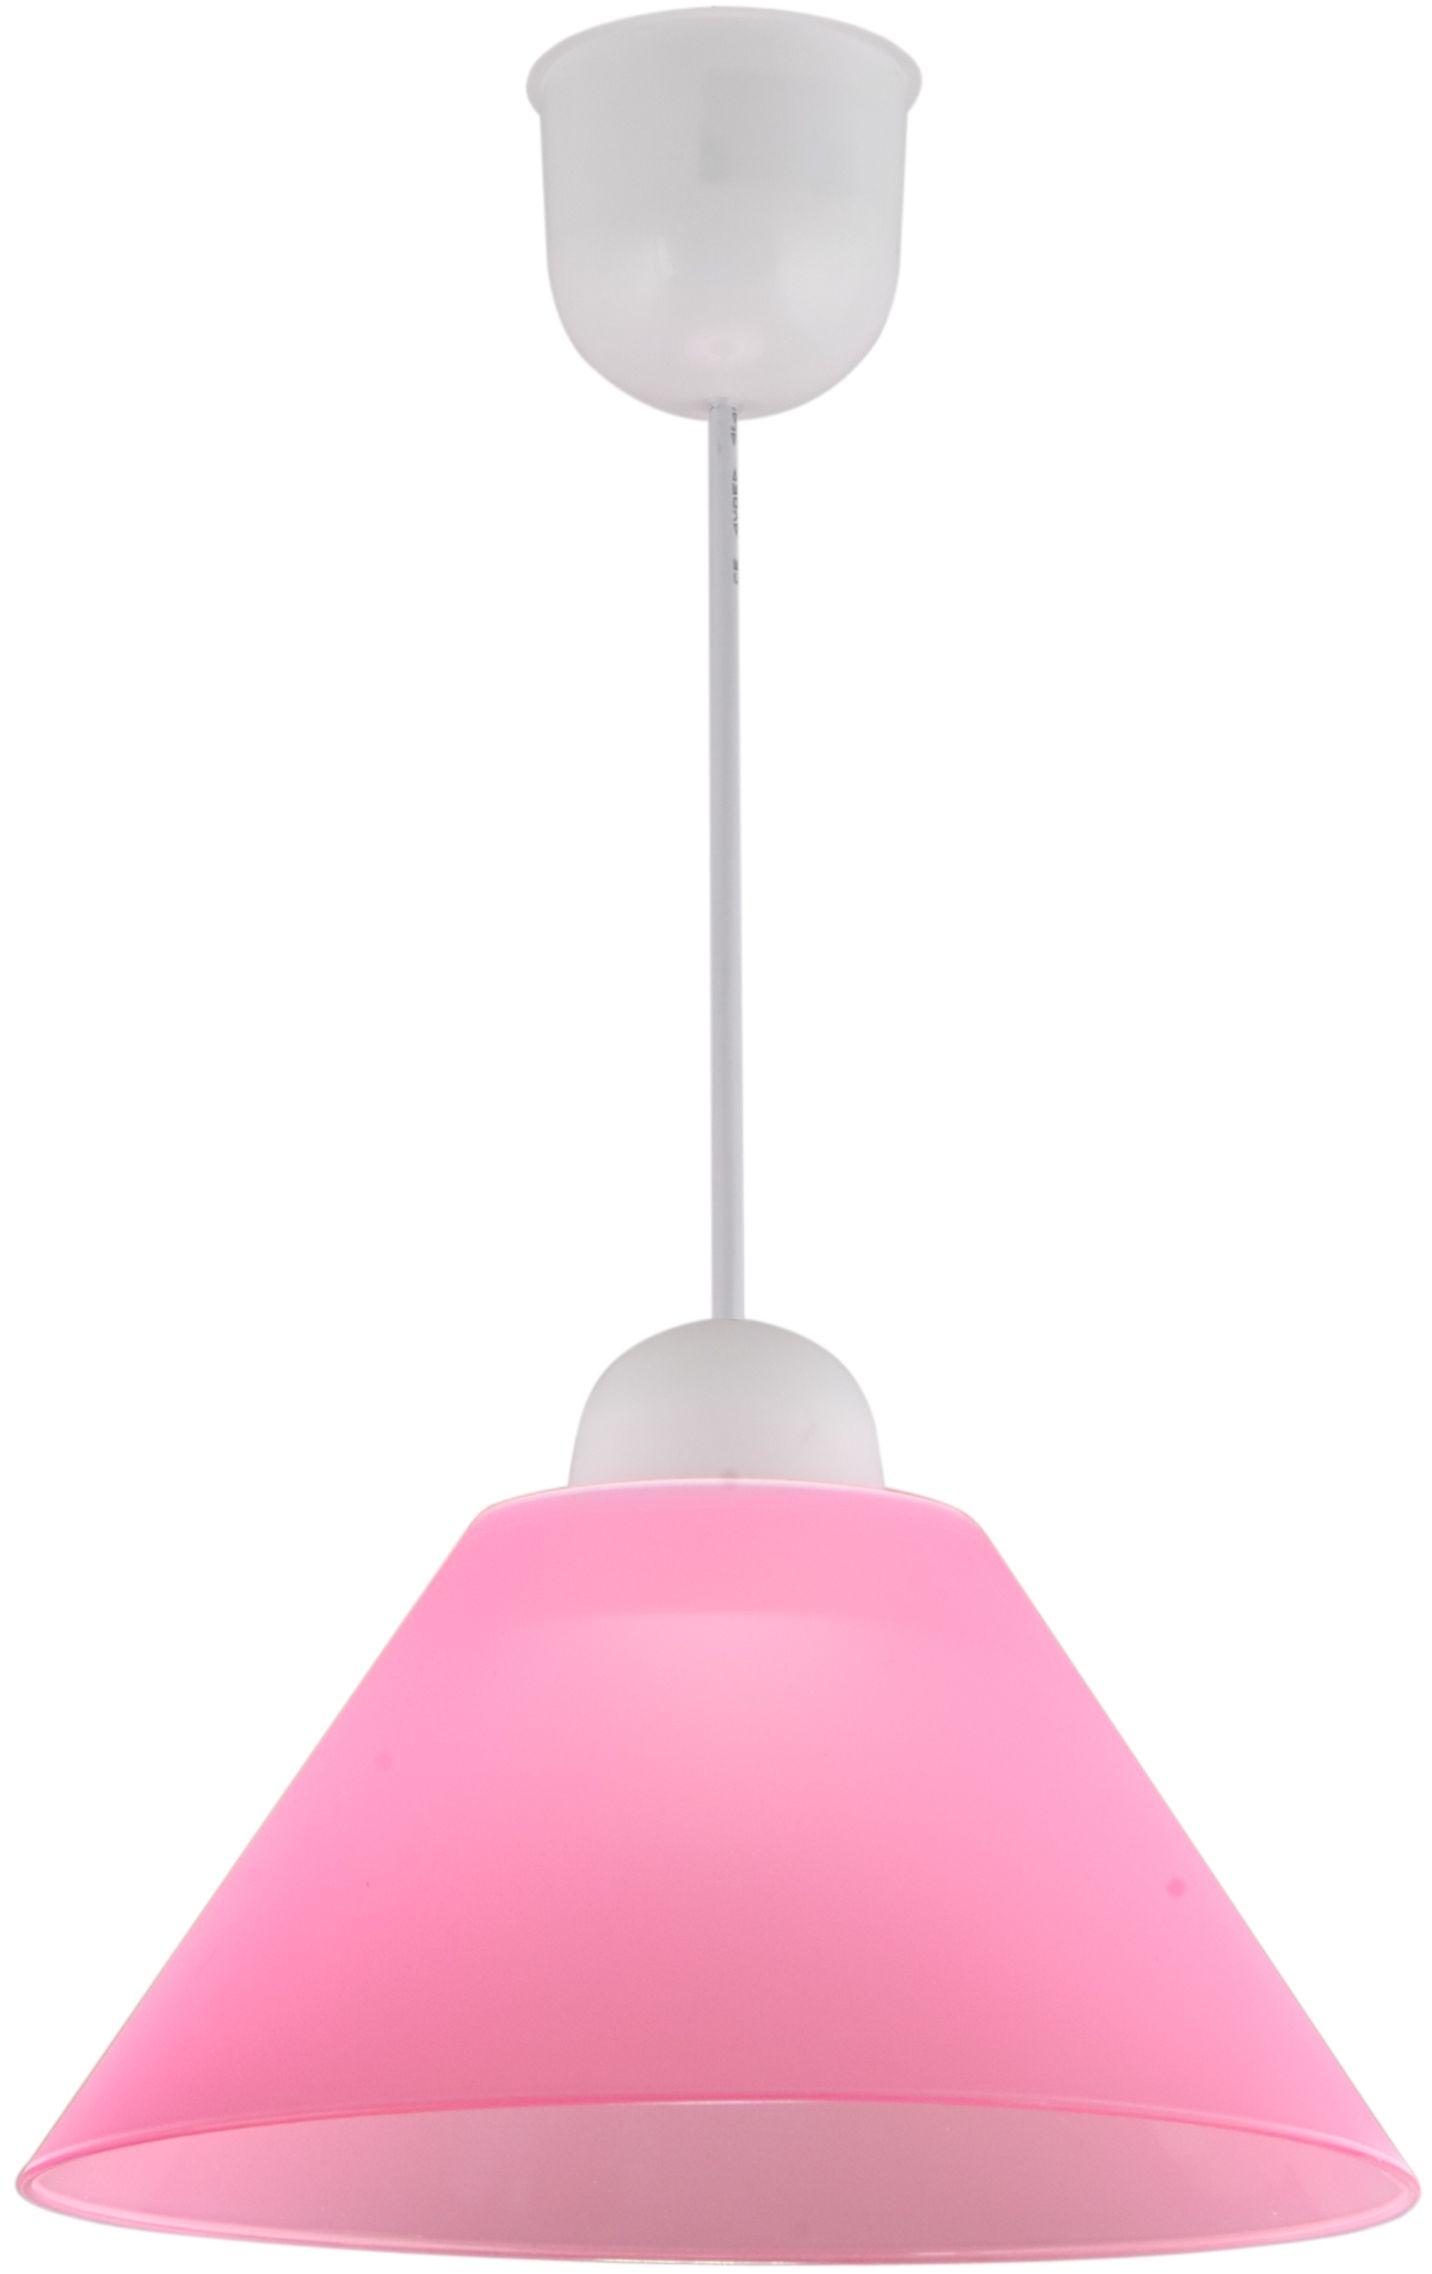 Candellux FAMA 31-20157 lampa wisząca abażur tworzywo sztuczne różowy E27 1X60W 25 cm